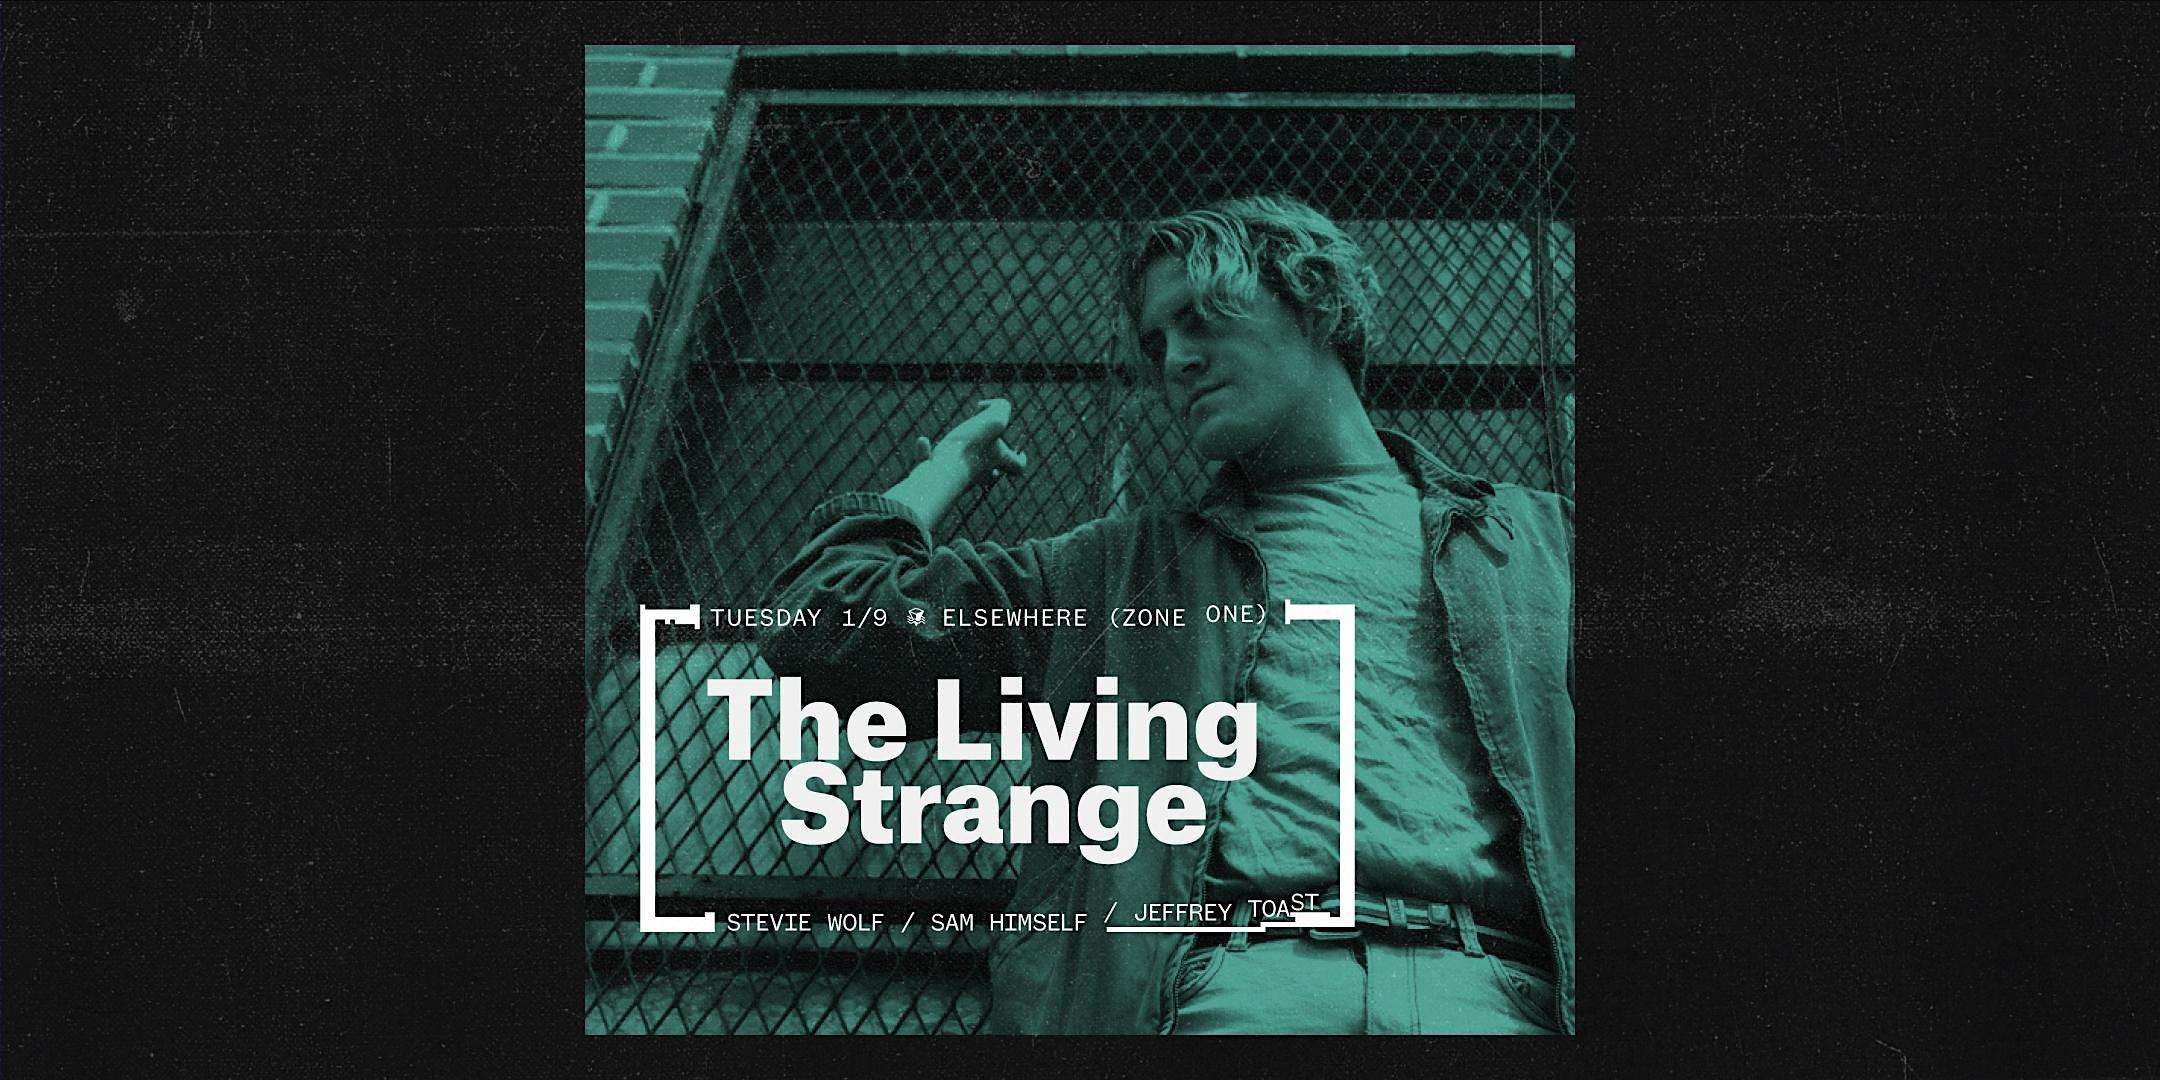 The Living Strange